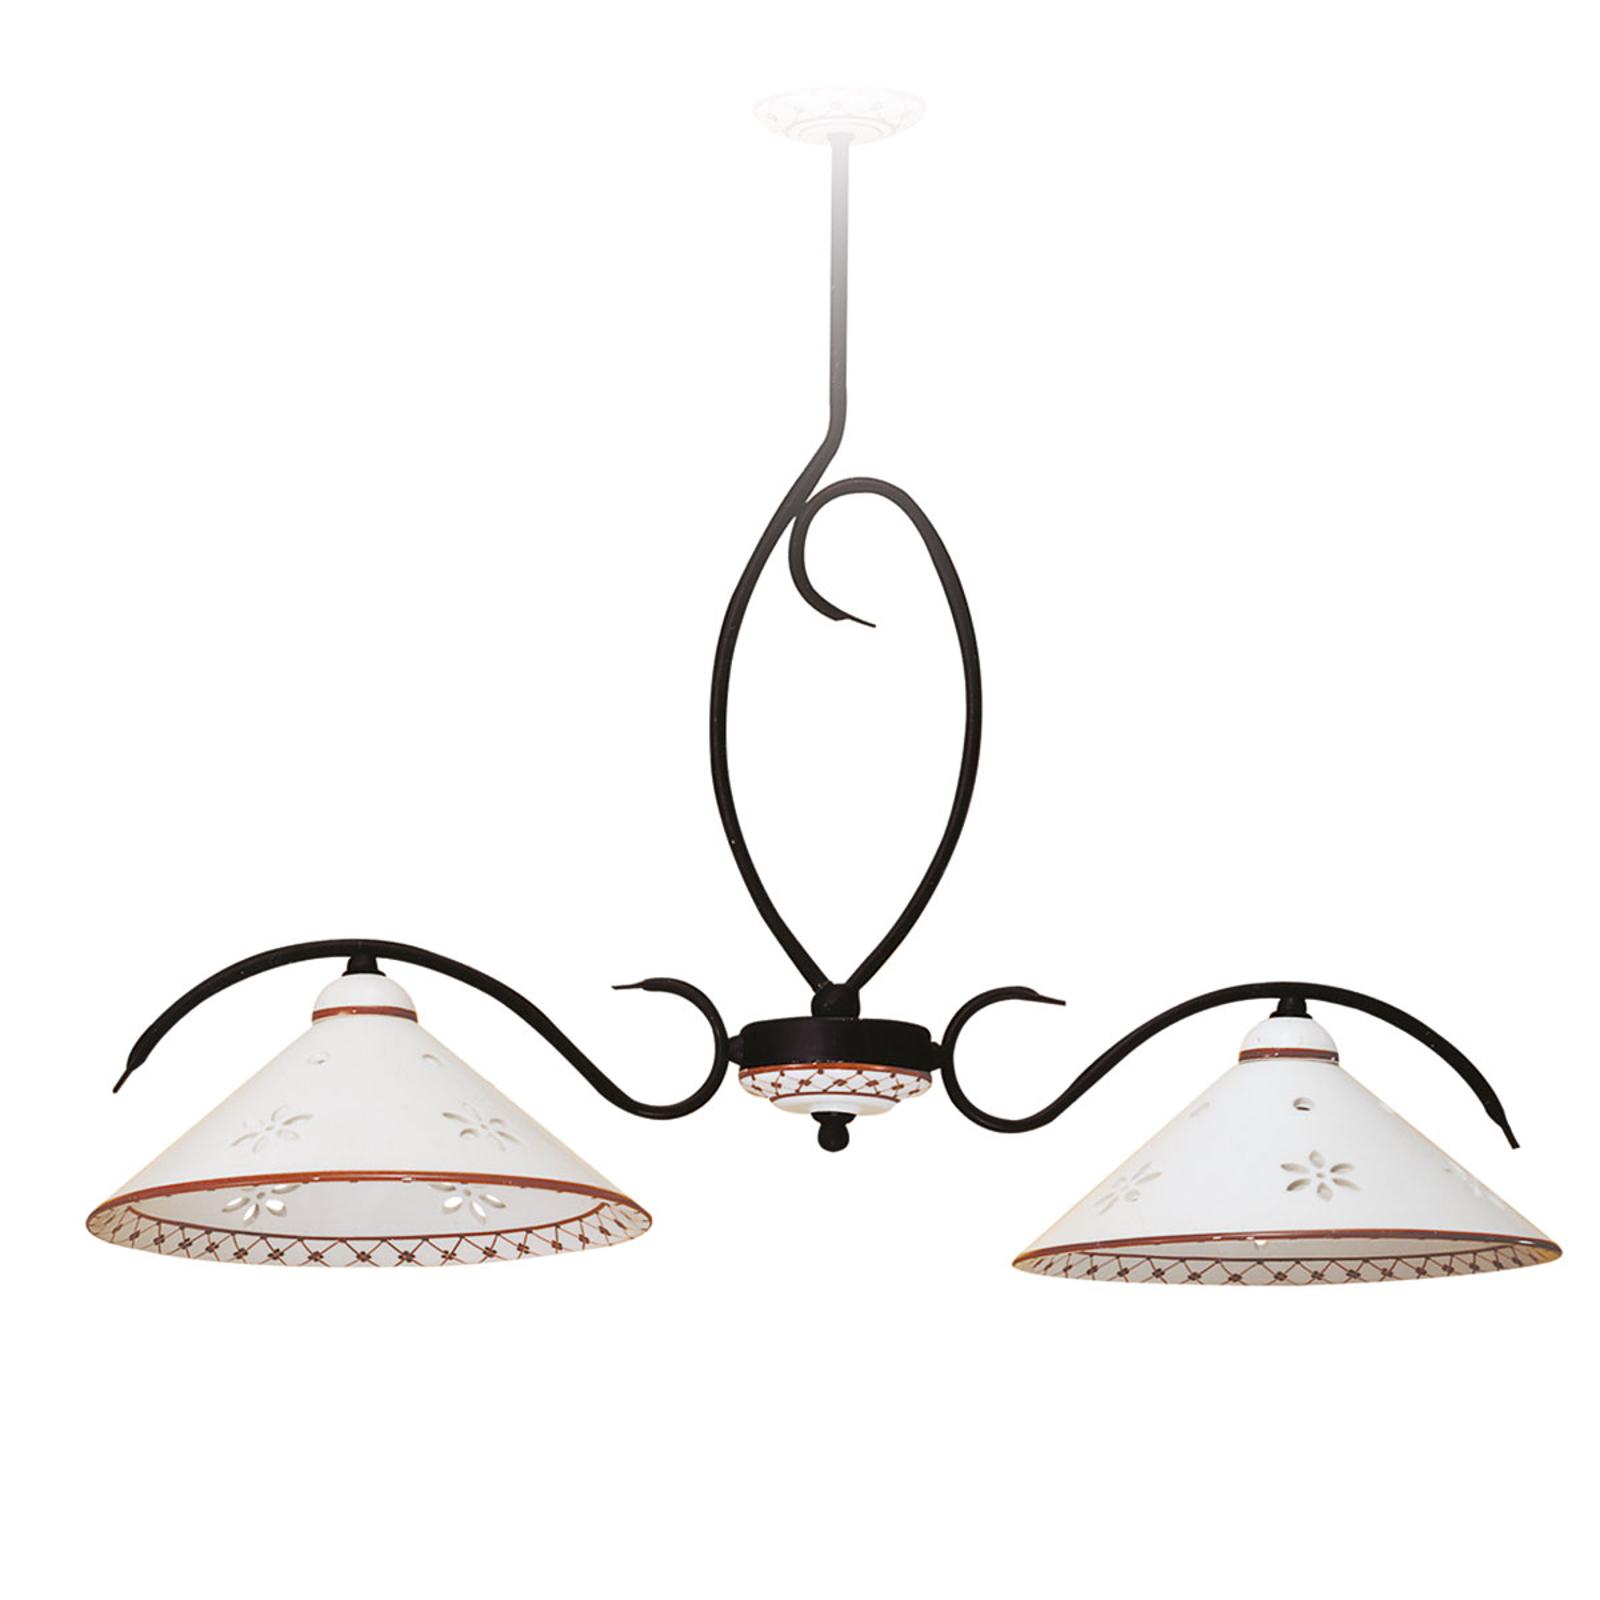 Smuk, aflang hængelampe Bettina m. 2 lyskilder